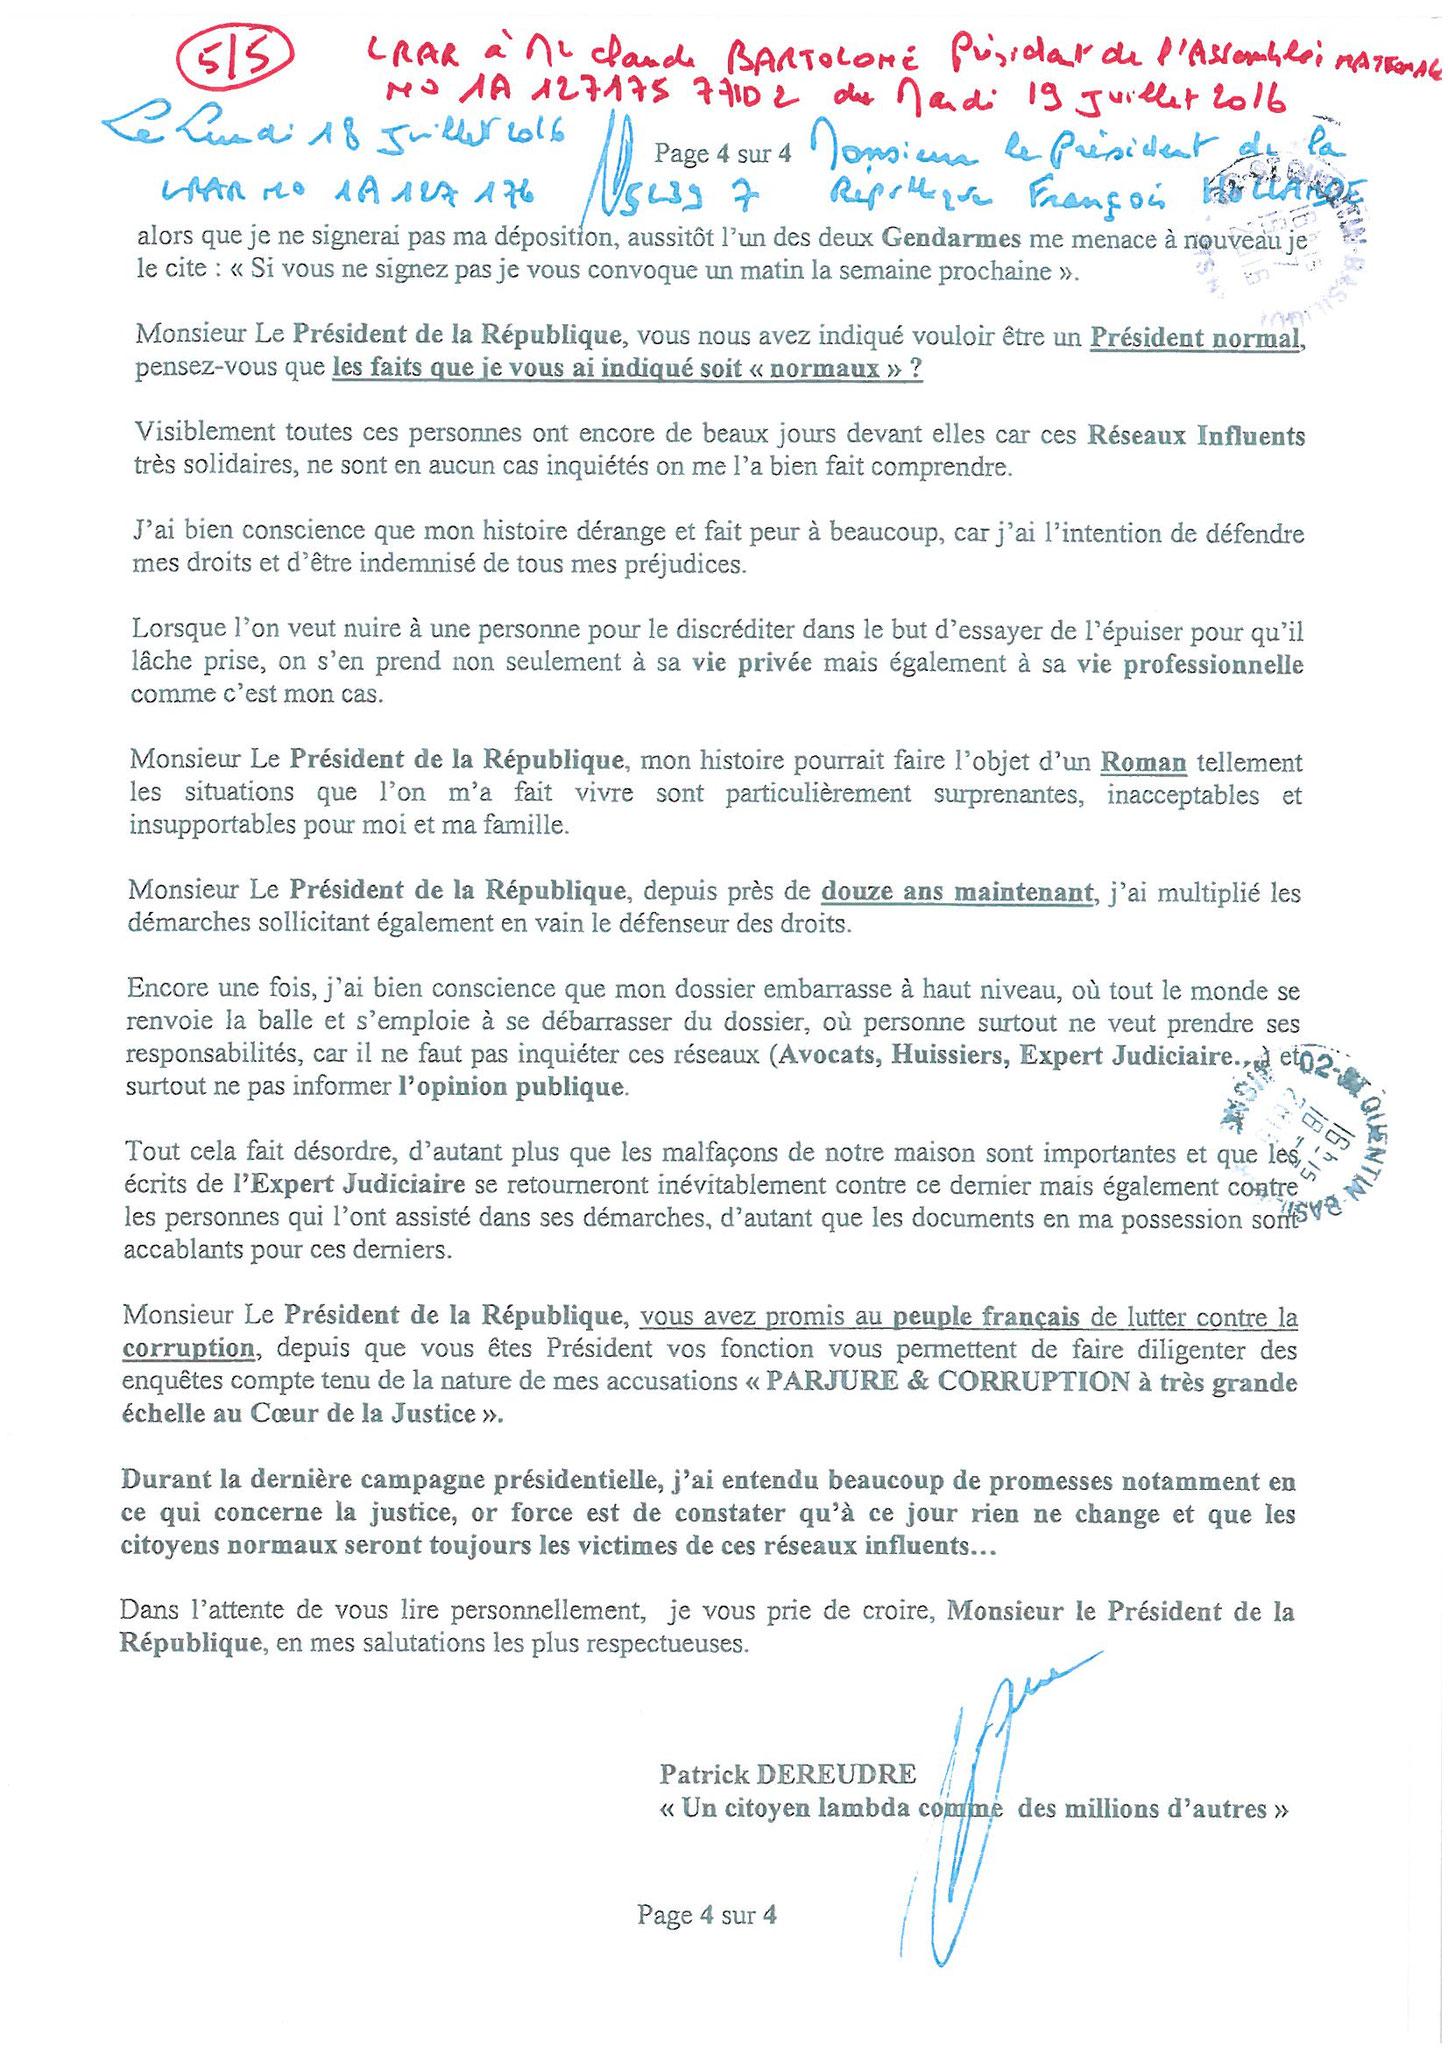 LRAR du 19 Juillet 2016 à Monsieur Claude BARTOLONE le Président de l'Assemblée Nationale 4 sur 5